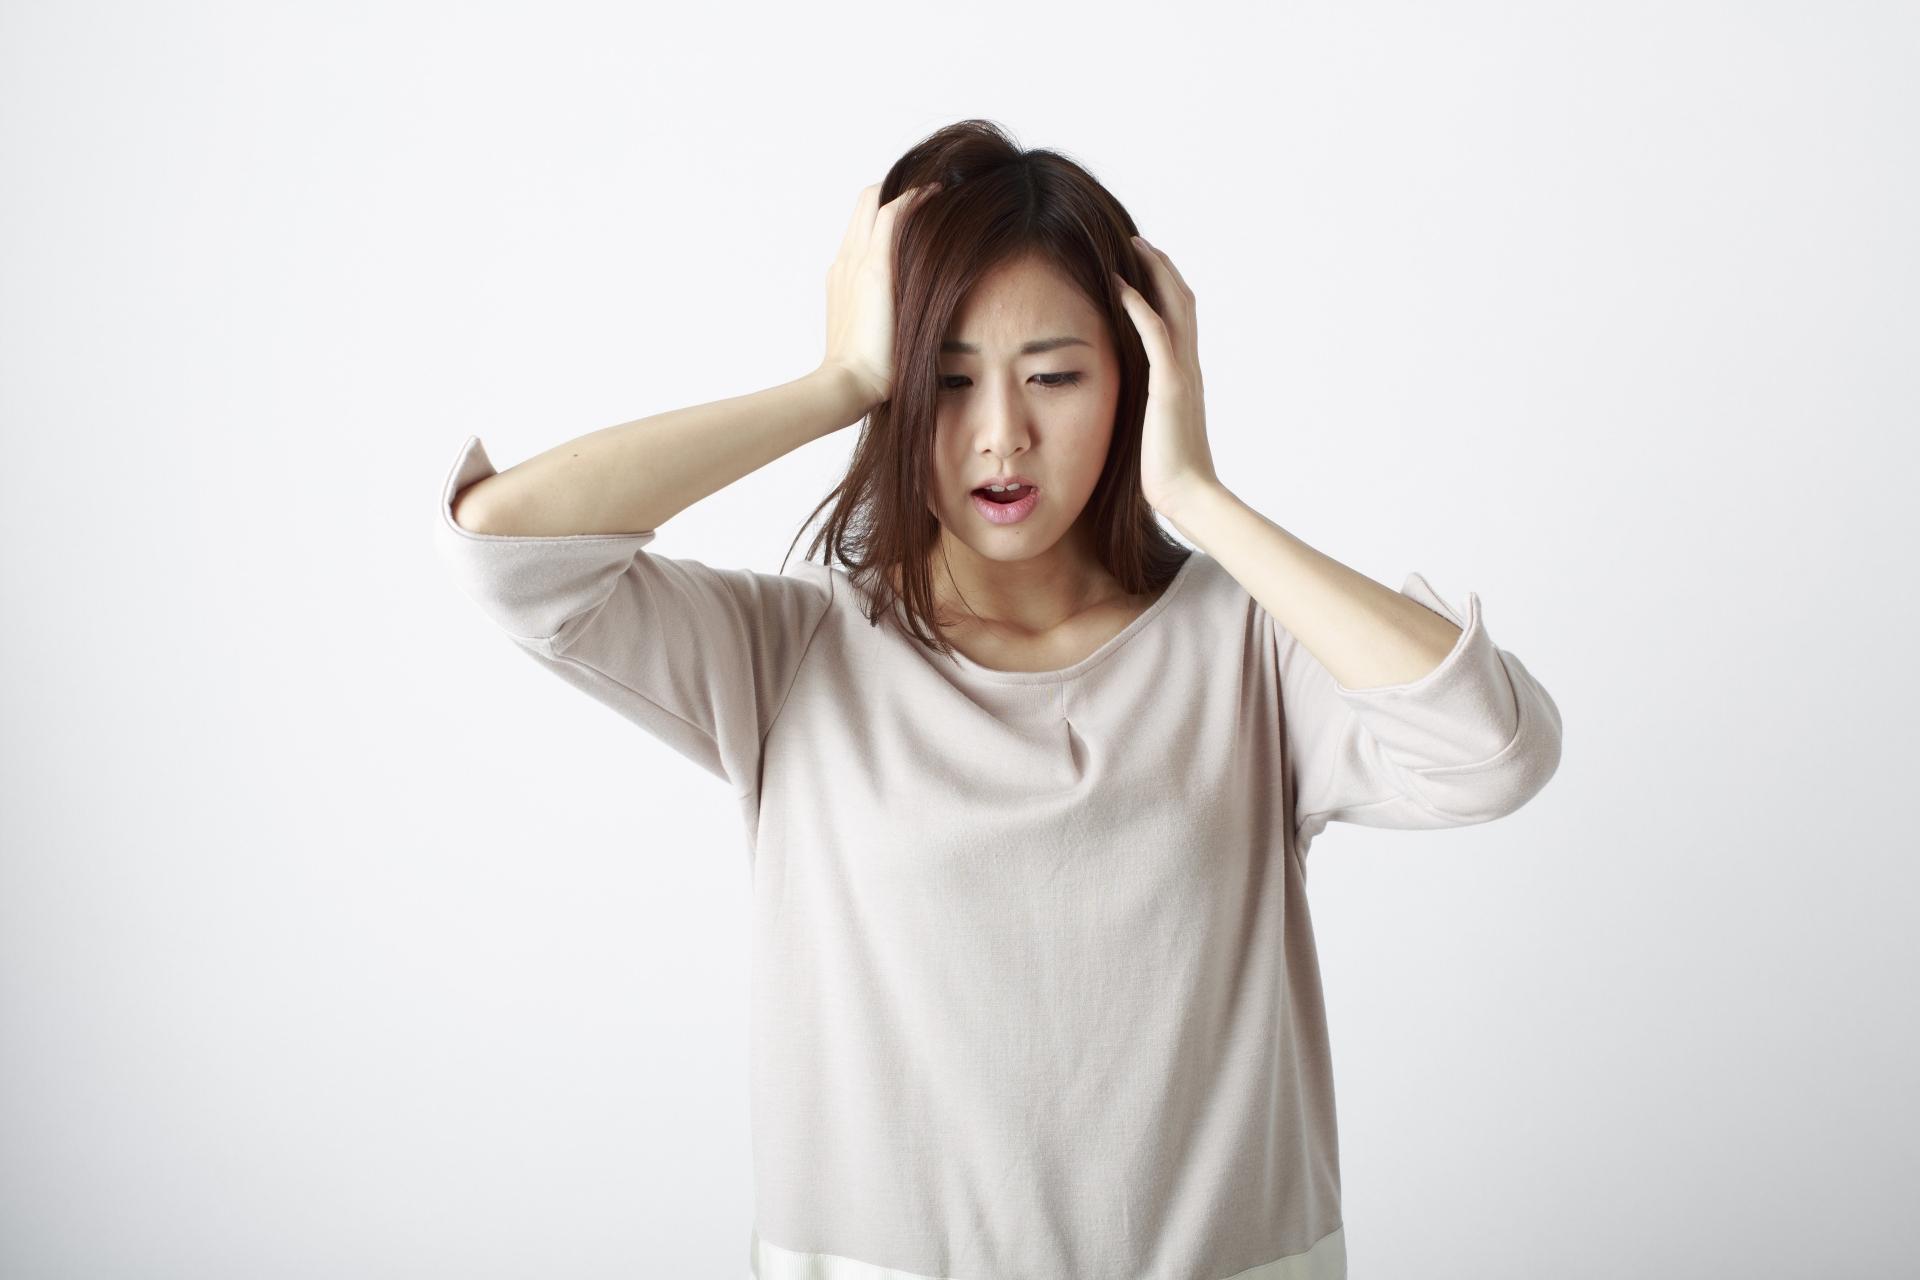 0ea25d7c2d7dba7767481d8558abafe7 m 女性の男性型脱毛症に、フィナステリドが効かないのはなぜ?